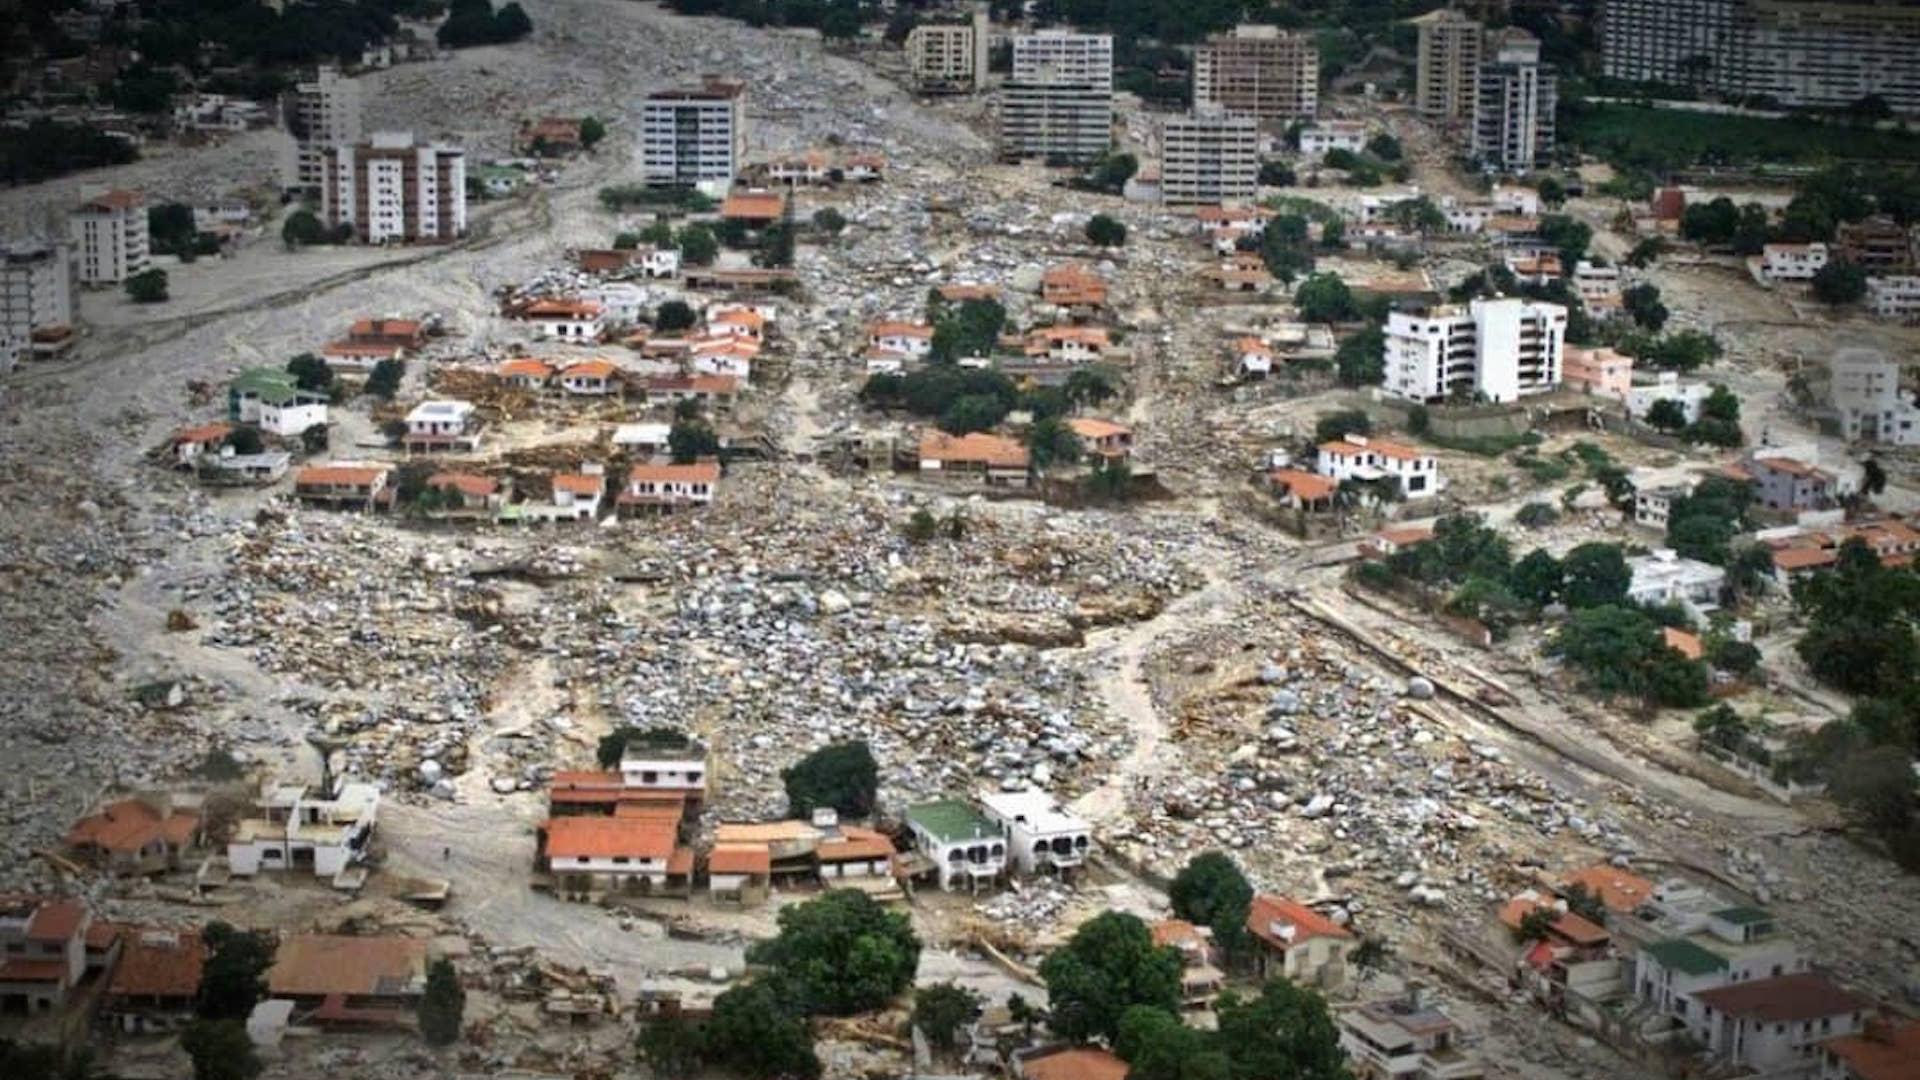 #Vargas20Años | La tragedia que transformó al Litoral Central